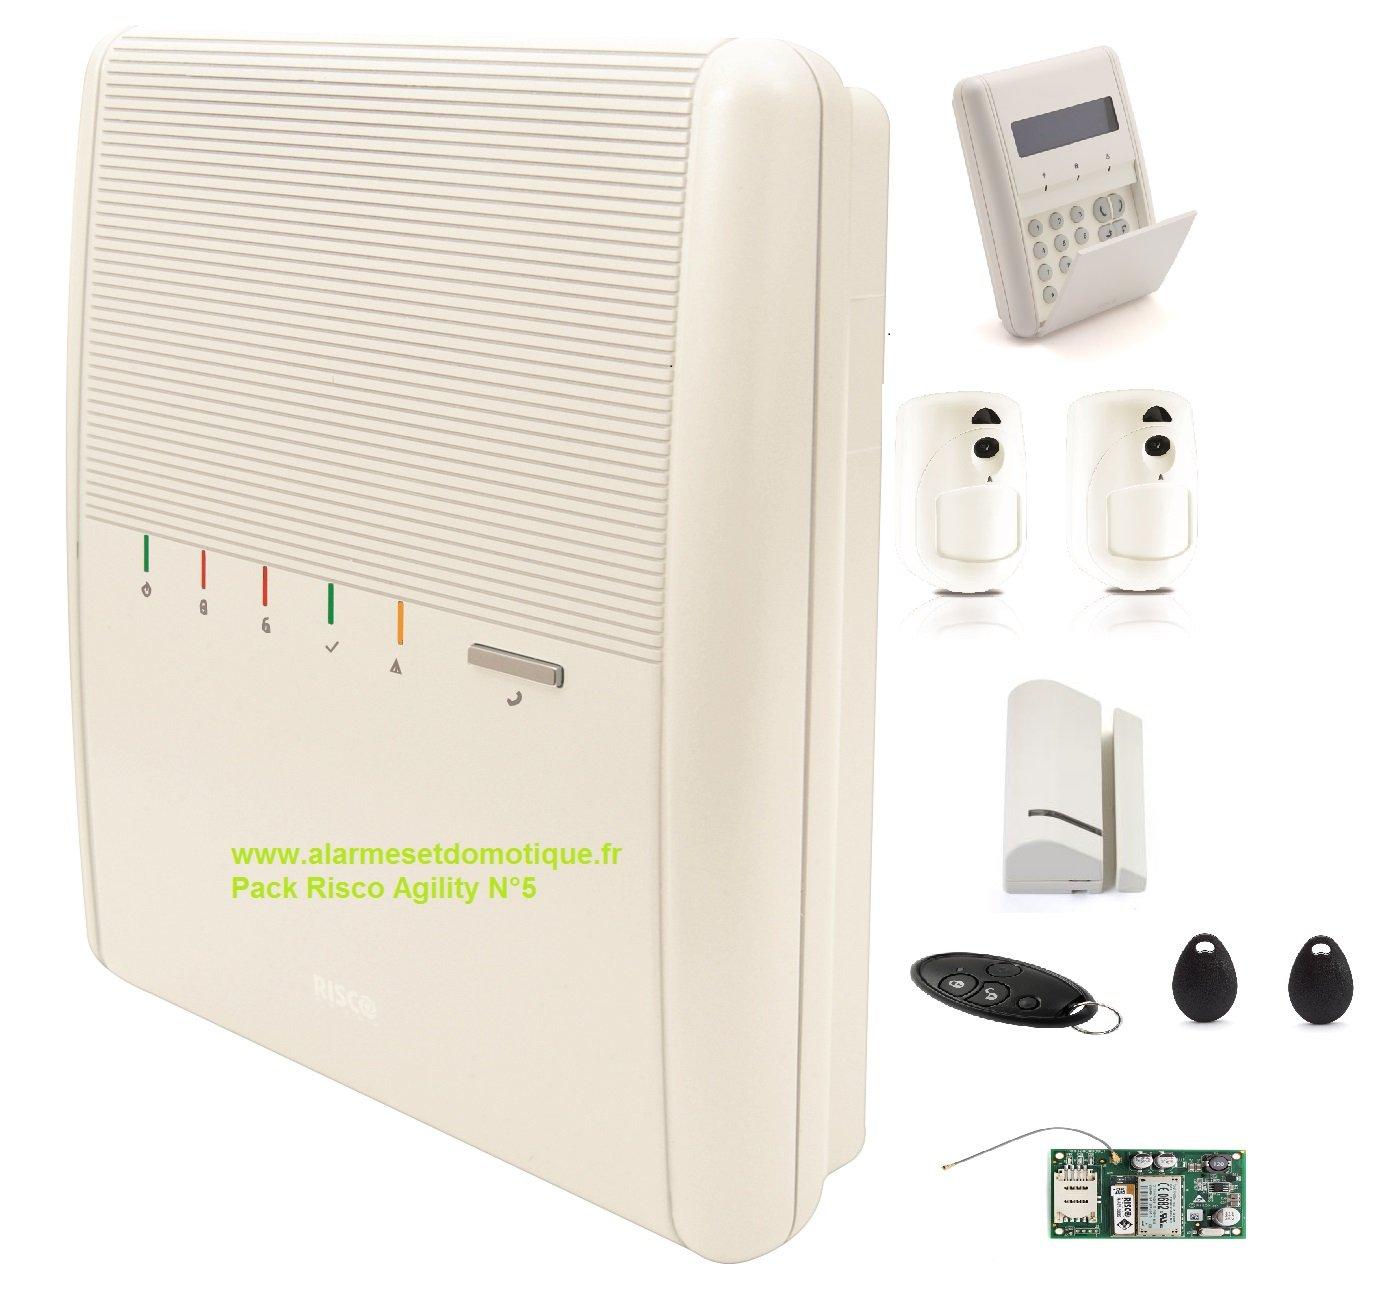 Kit agility3 IP/GSM/GPRS Risco [rm132 a5860 a0 C]: Amazon.es: Bricolaje y herramientas